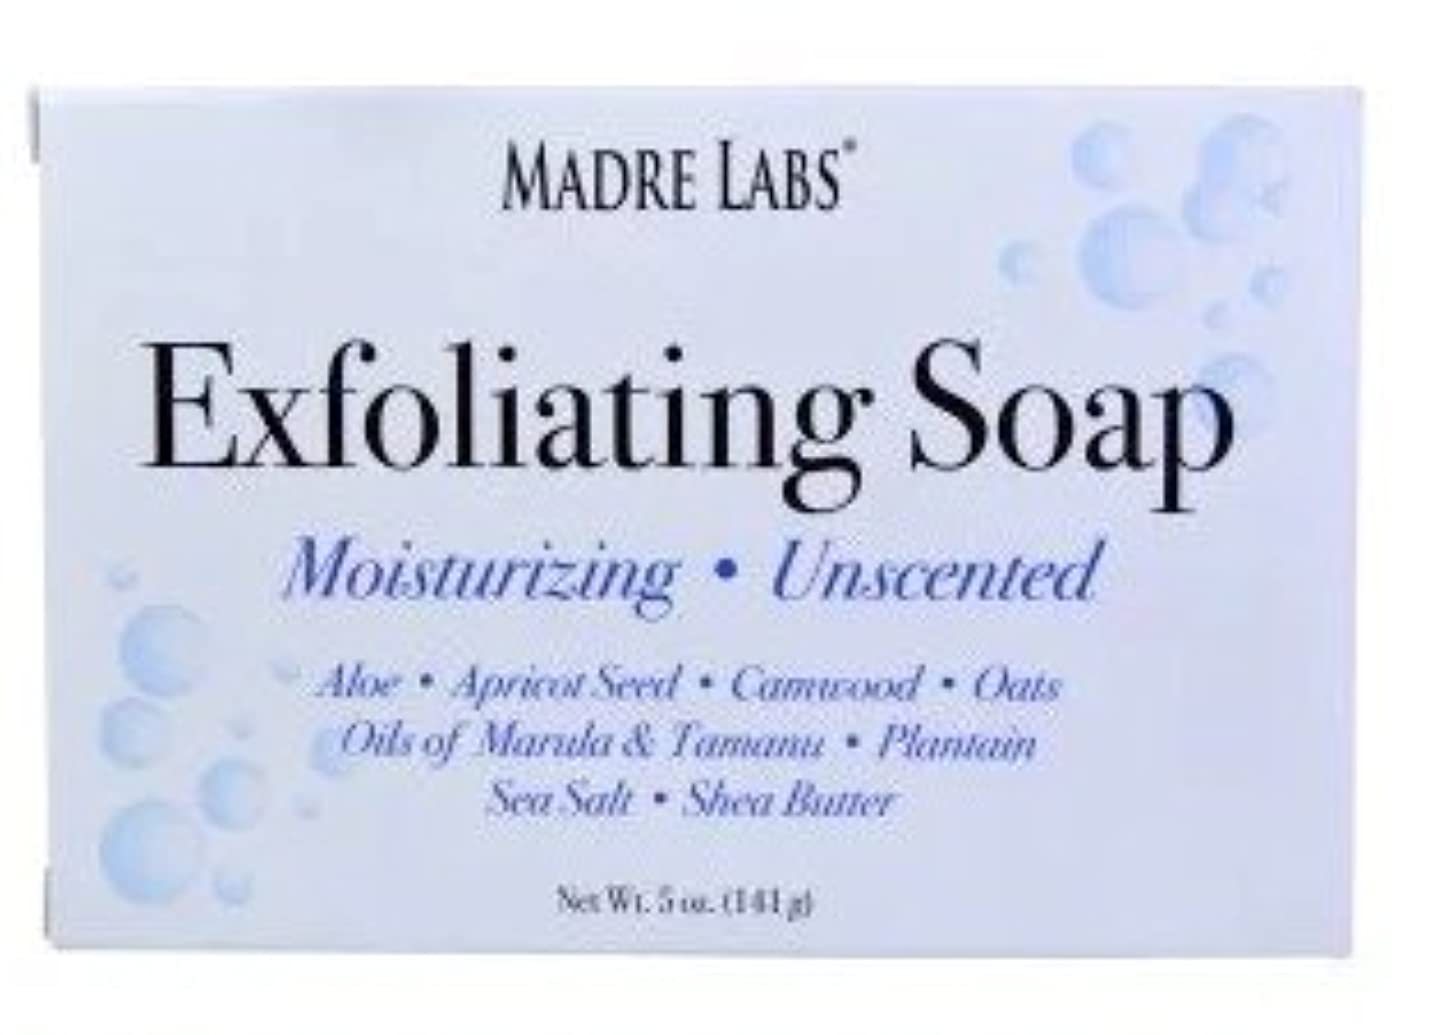 狼改善危険マドレラブ シアバター入り石鹸 Madre Labs Exfoliating Soap Bar with Marula & Tamanu Oils plus Shea Butter [並行輸入品]